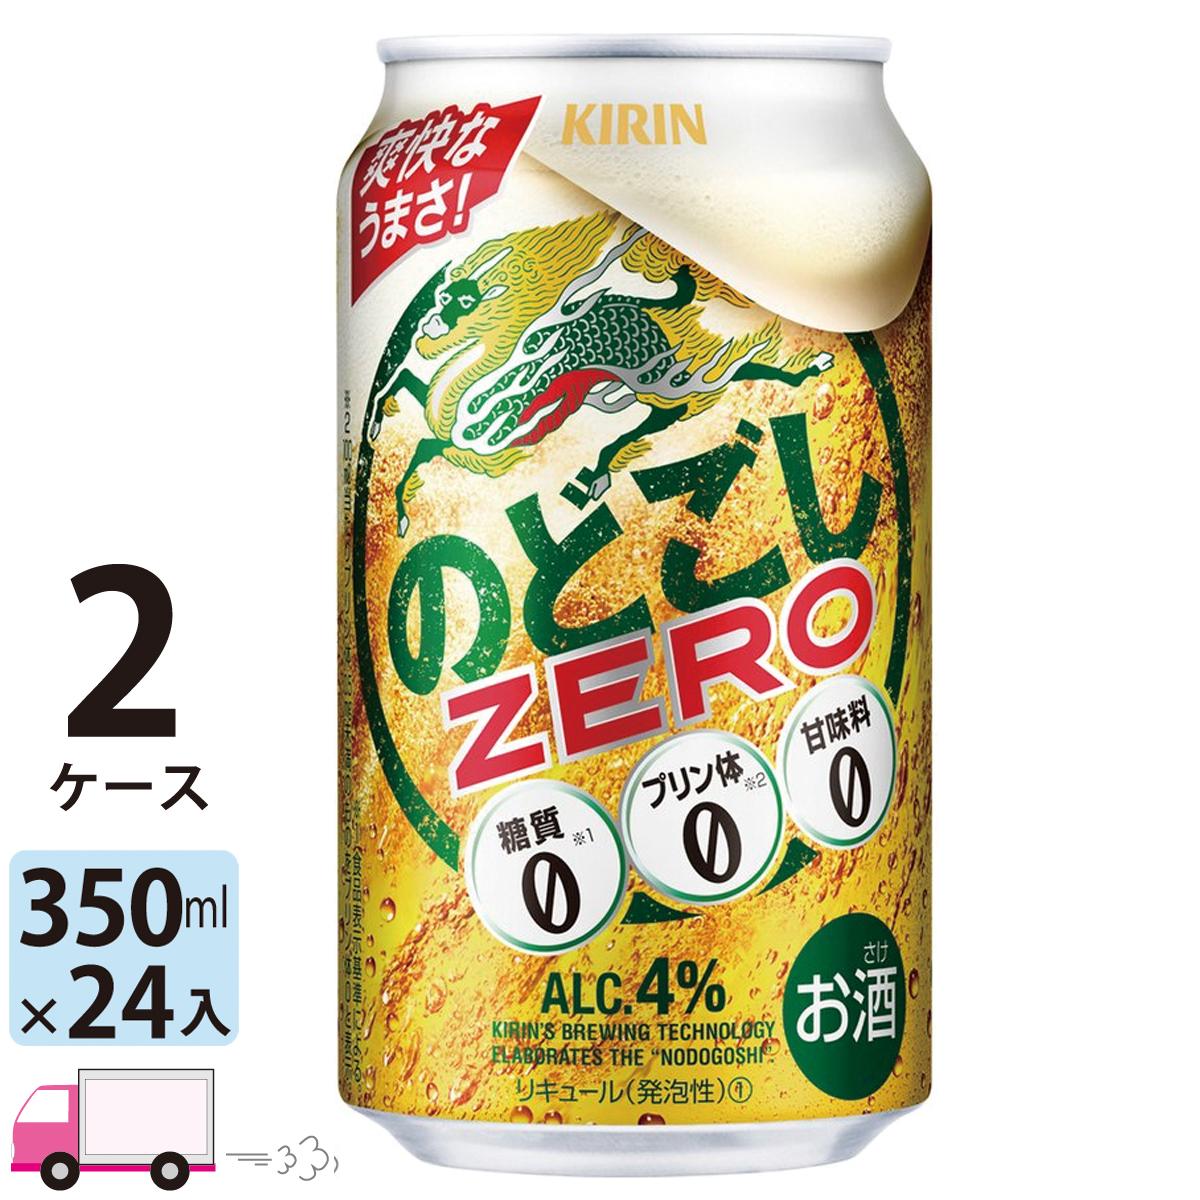 味や風味を損なわずプリンタ体ゼロ・糖質ゼロ。 送料無料 キリン ビール のどごし ZERO 350ml 24缶入 2ケース (48本)